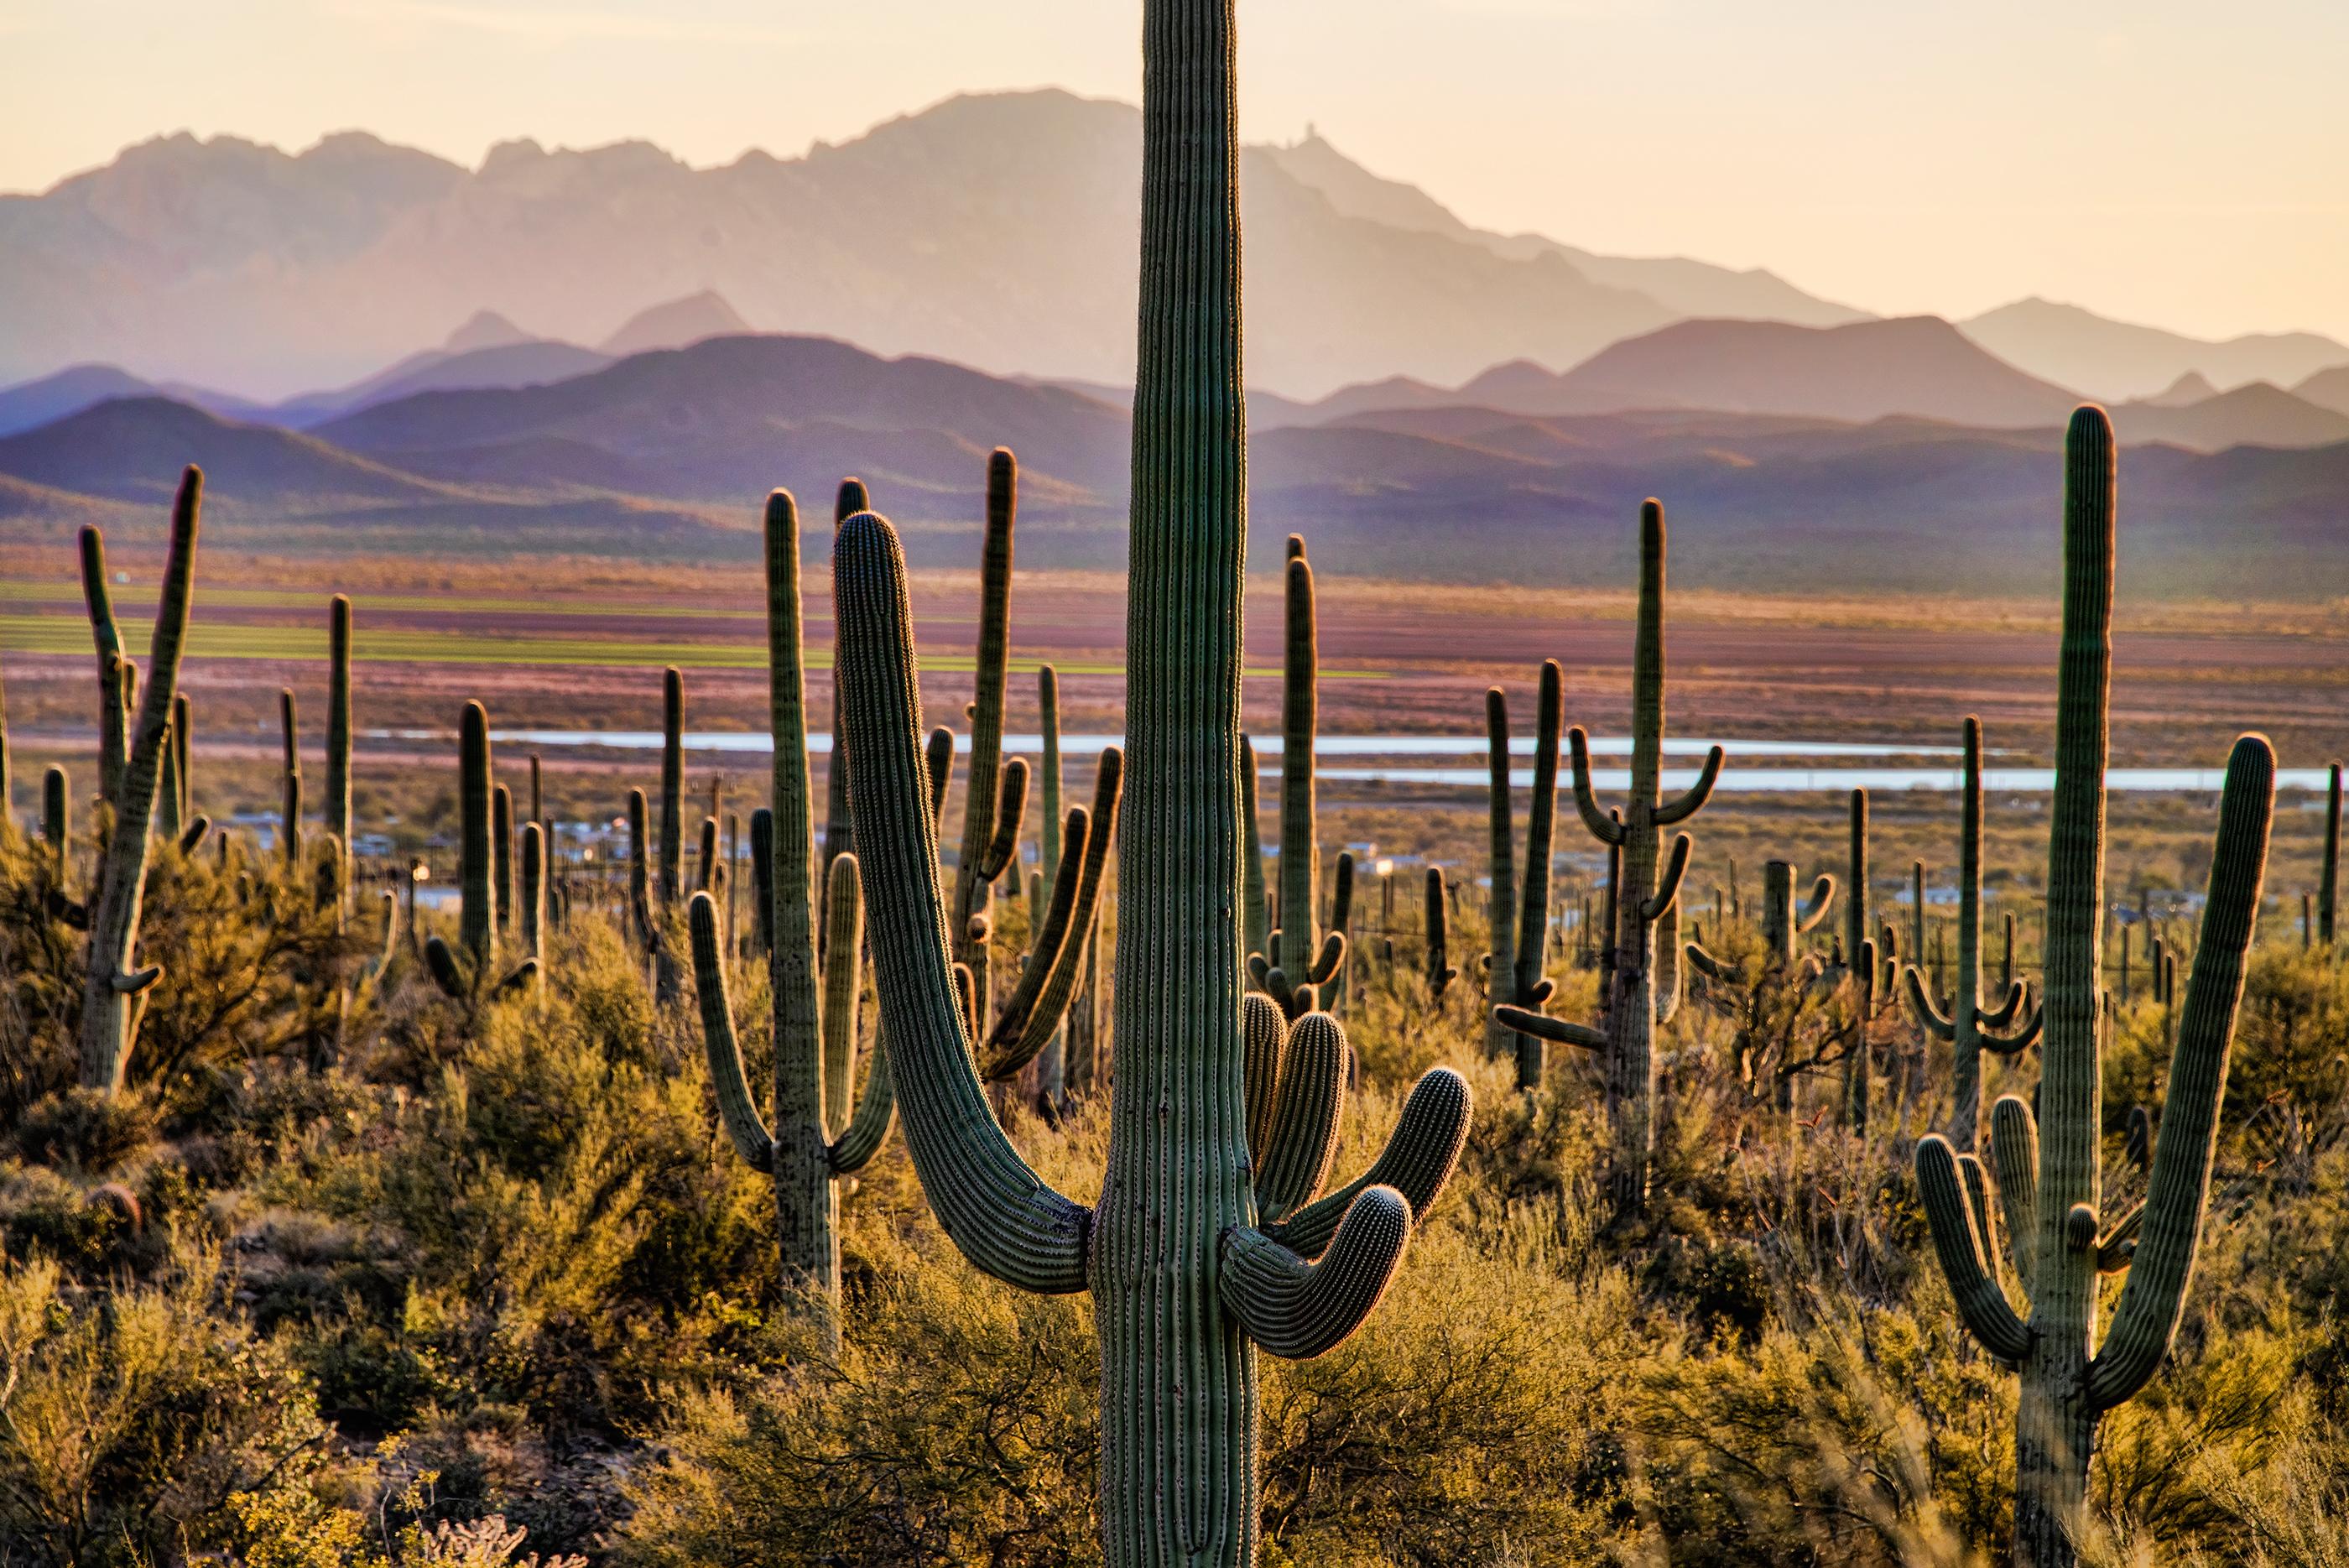 180601-best-national-parks-saguaro